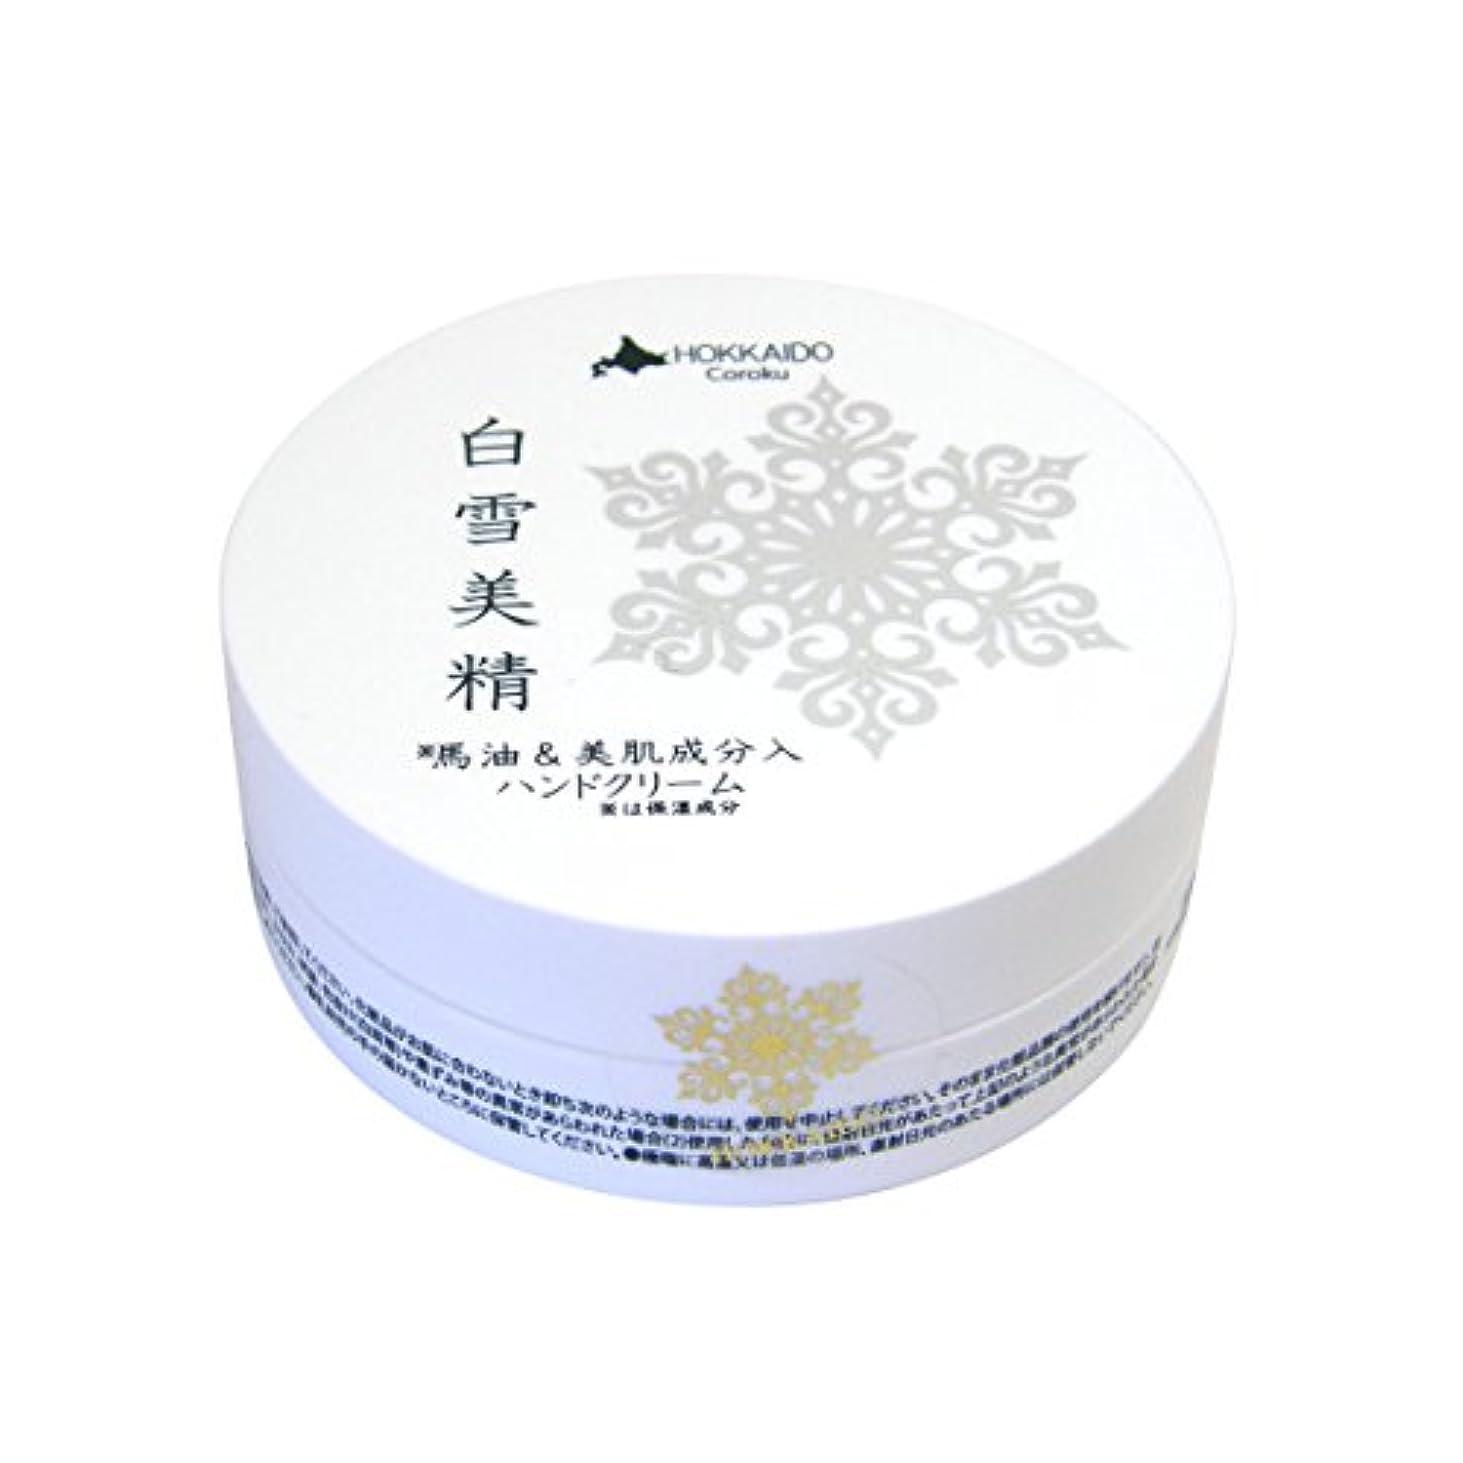 固体自由ホットCoroku 白雪美精 ハンドクリーム 30g